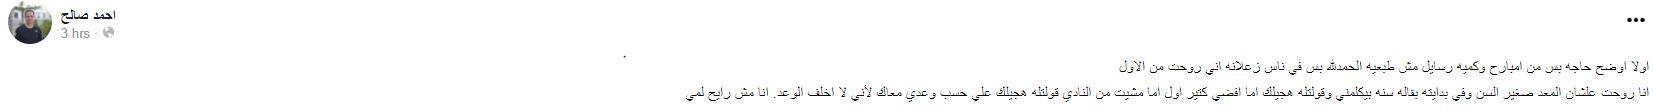 """أحمد صالح عن أزمة مي حلمي: """"مكنتش رايح لمي"""""""